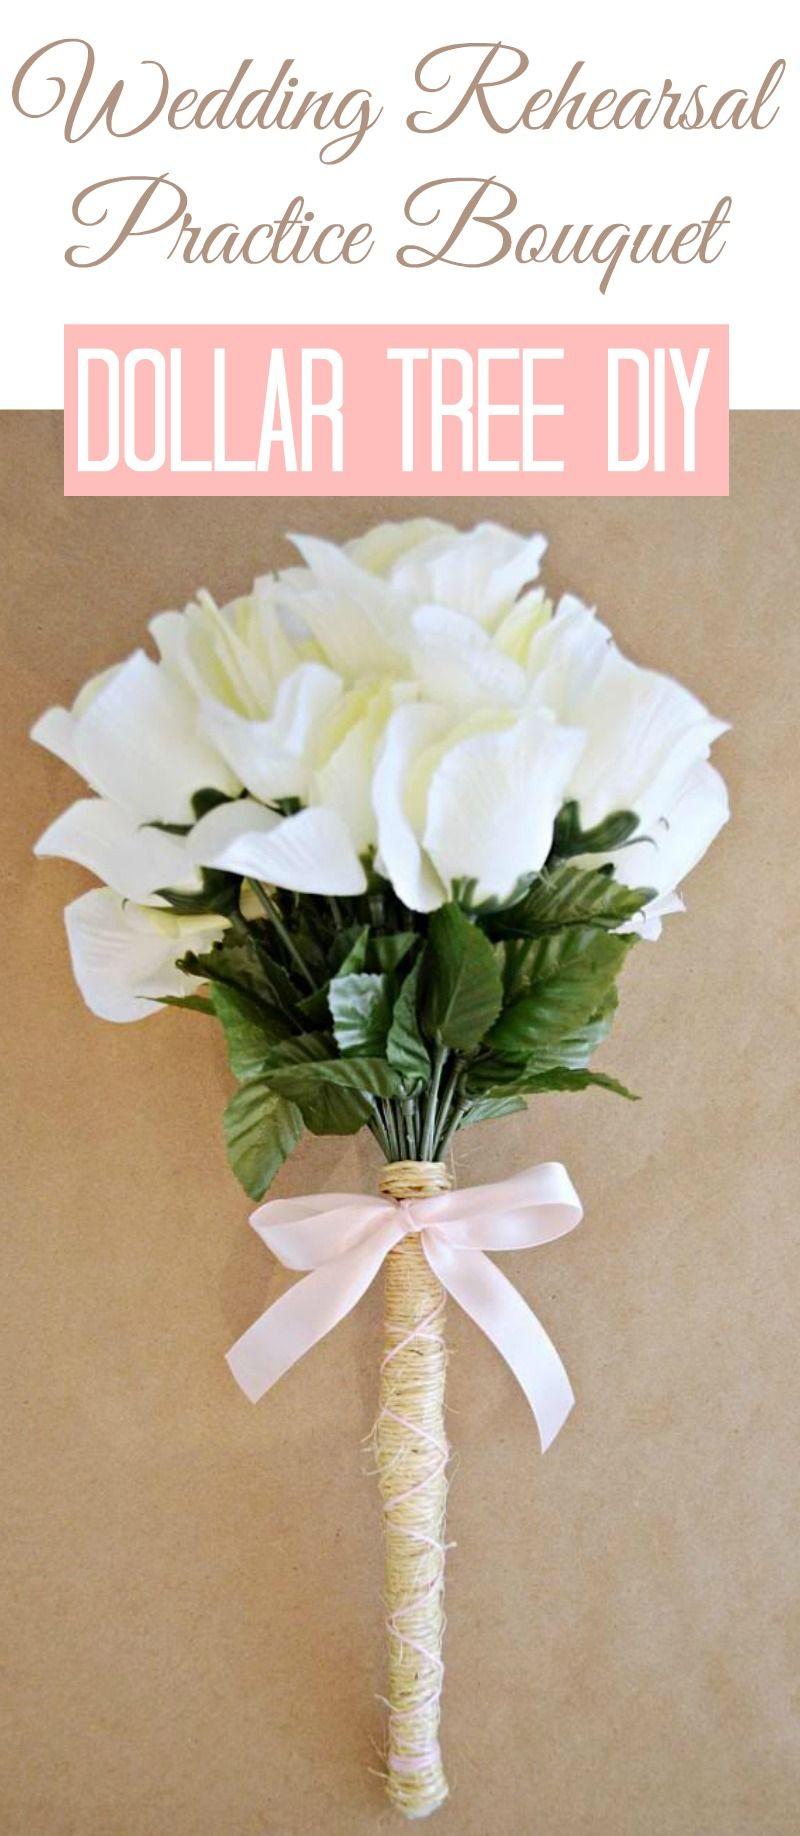 Budget Bridal Shower Decor And Ideas Diy Wedding Bouquet Dollar Tree Wedding Rehearsal Bouquet